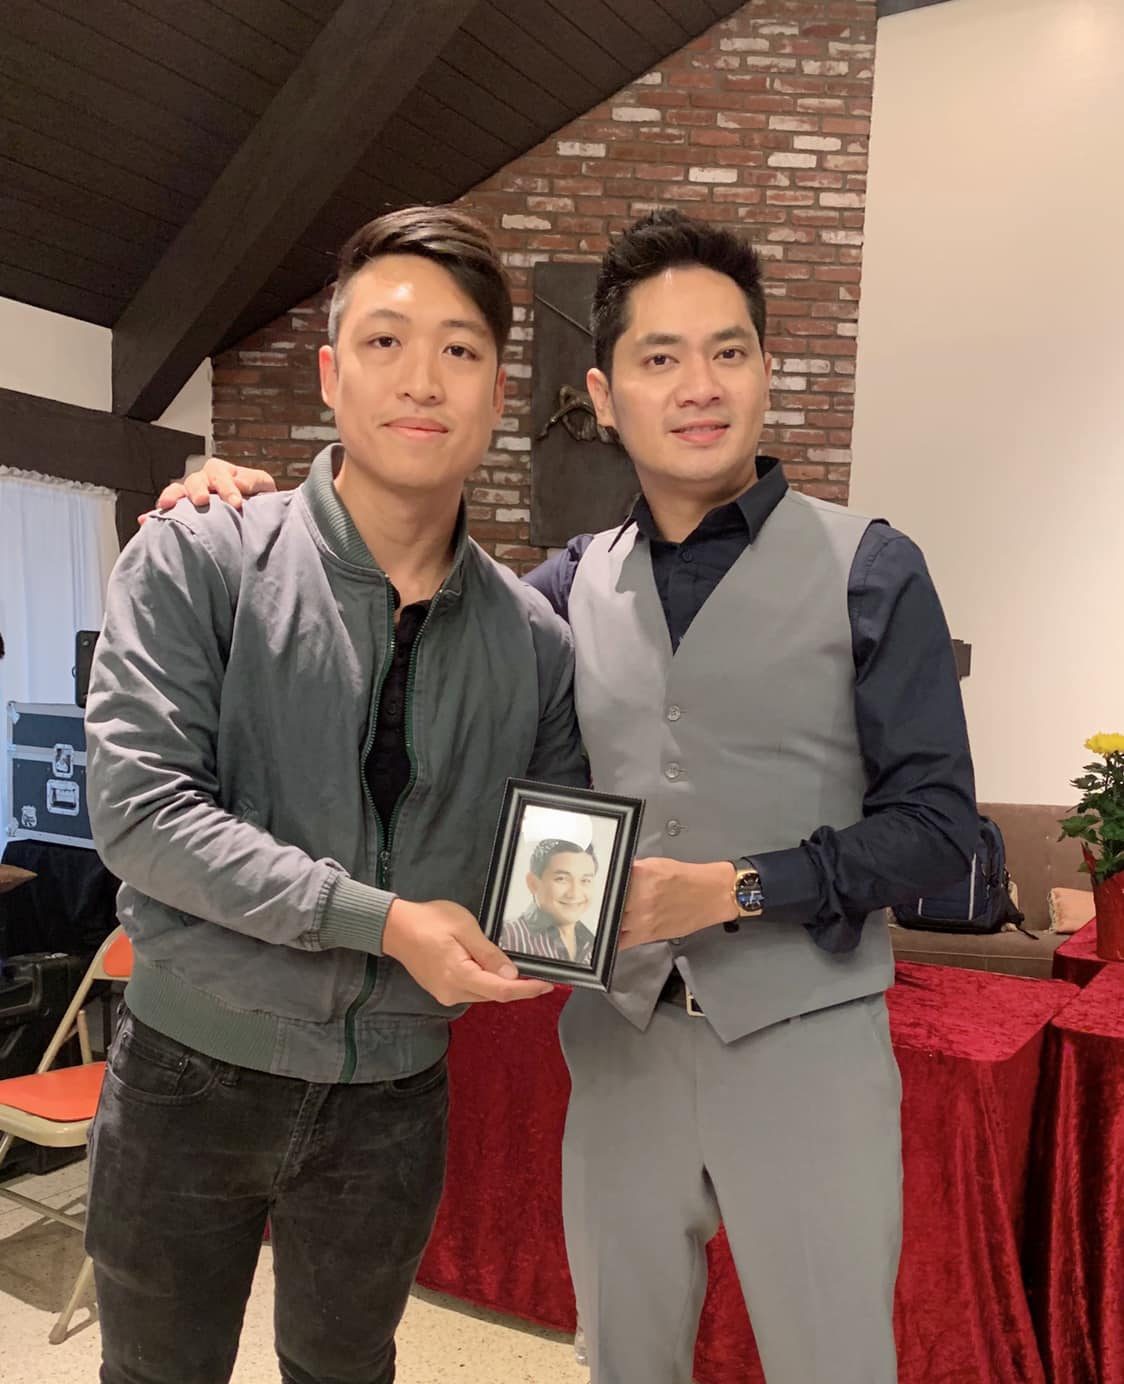 Khán giả xúc động vì diễn viên Minh Luân mang di ảnh của cố nghệ sĩ Anh Vũ sang Mỹ dự giỗ tổ sân khấu - Hình 7